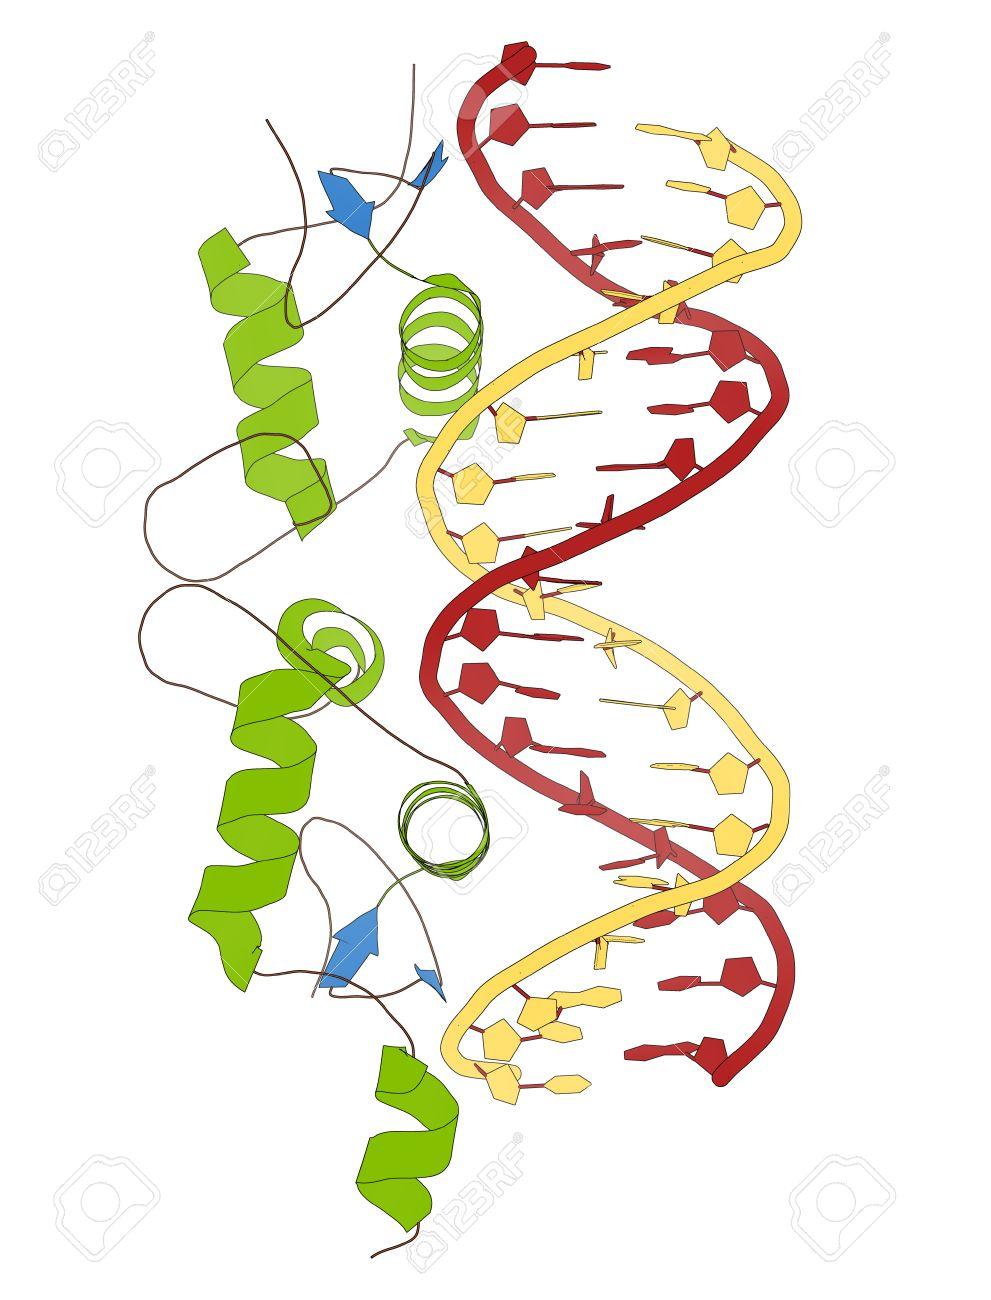 Receptor De Glucocorticoides Dominio De Unión A Adn Unido A Una Doble Cadena De Adn Modelo De La Historieta La Estructura Secundaria Para Colorear